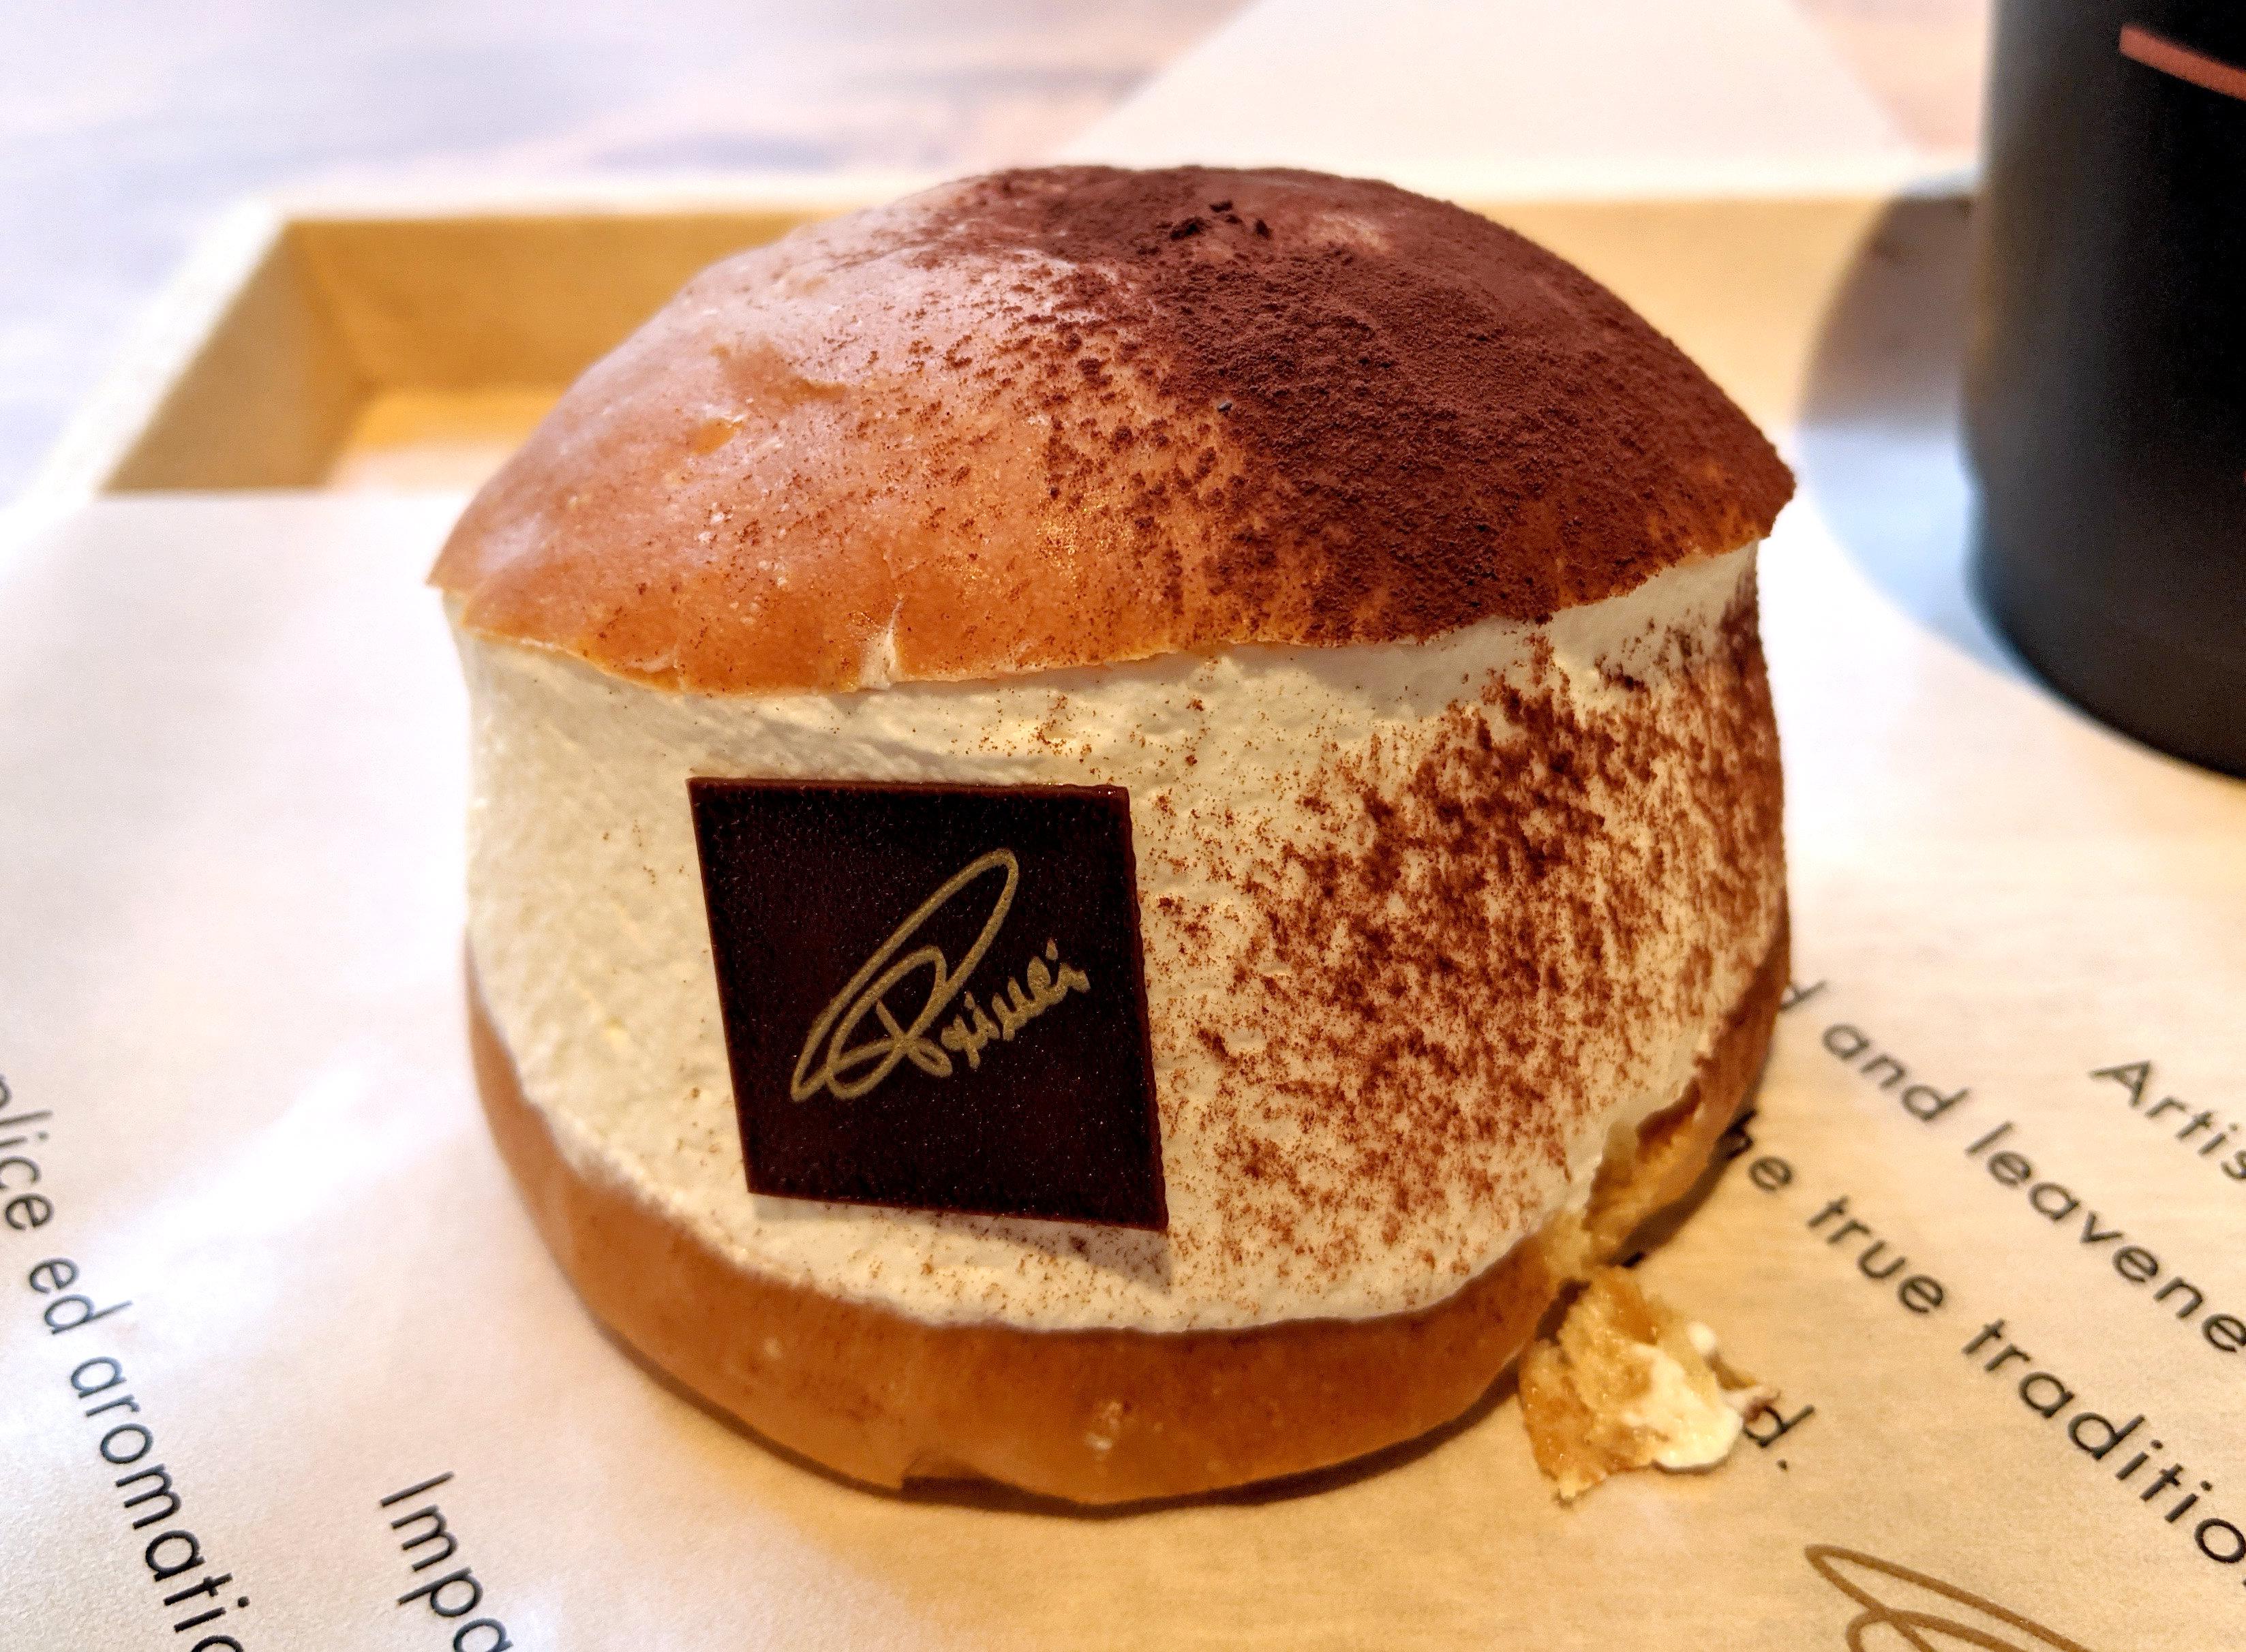 【全国でたった3店舗】スタバの「マリトッツォ」が猛烈に美味い!! 今すぐ全国で販売開始した方がいい